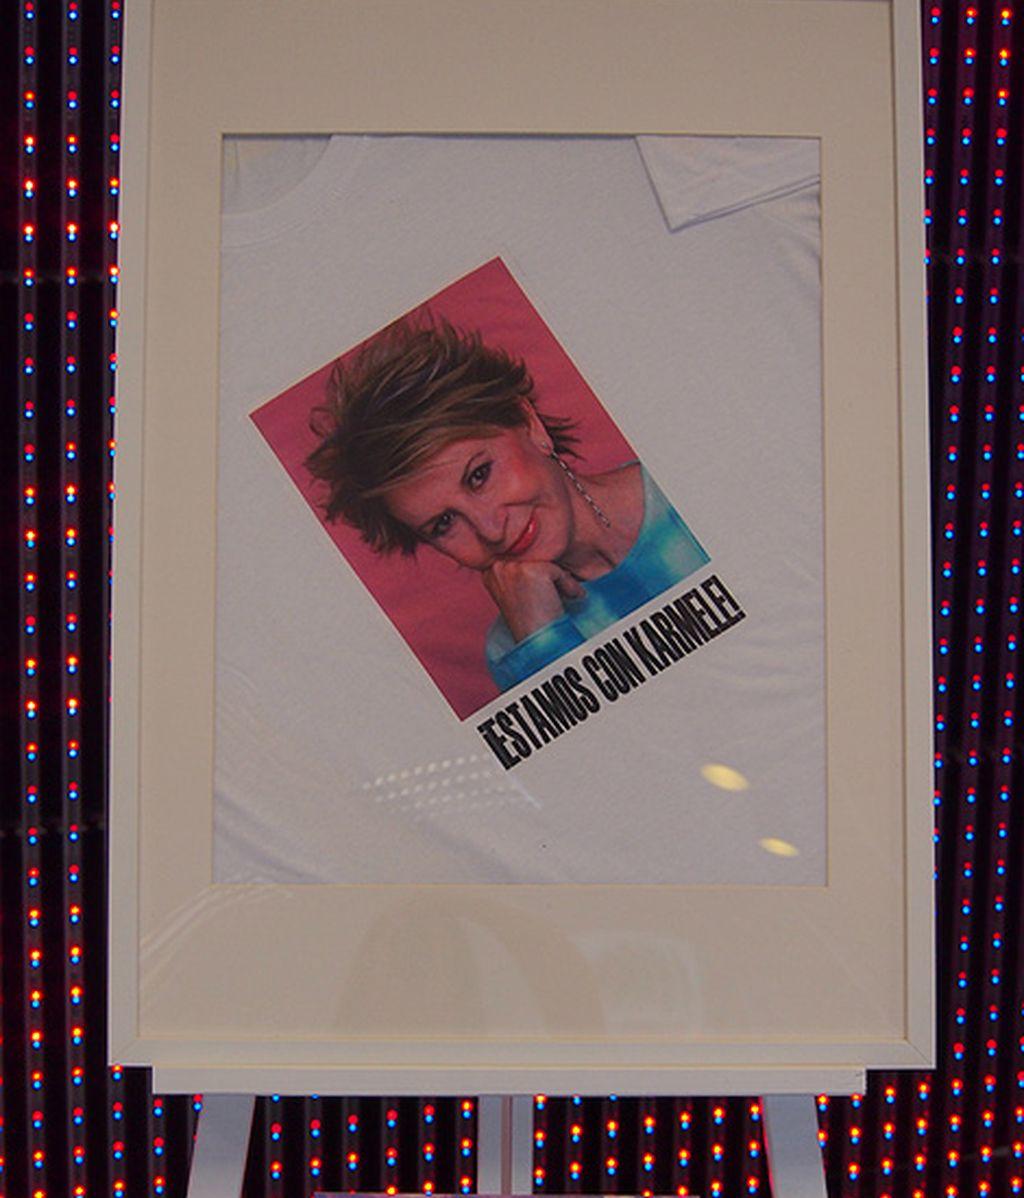 La camiseta de apoyo a Karmele Marchante en su candidatura a Eurovisión